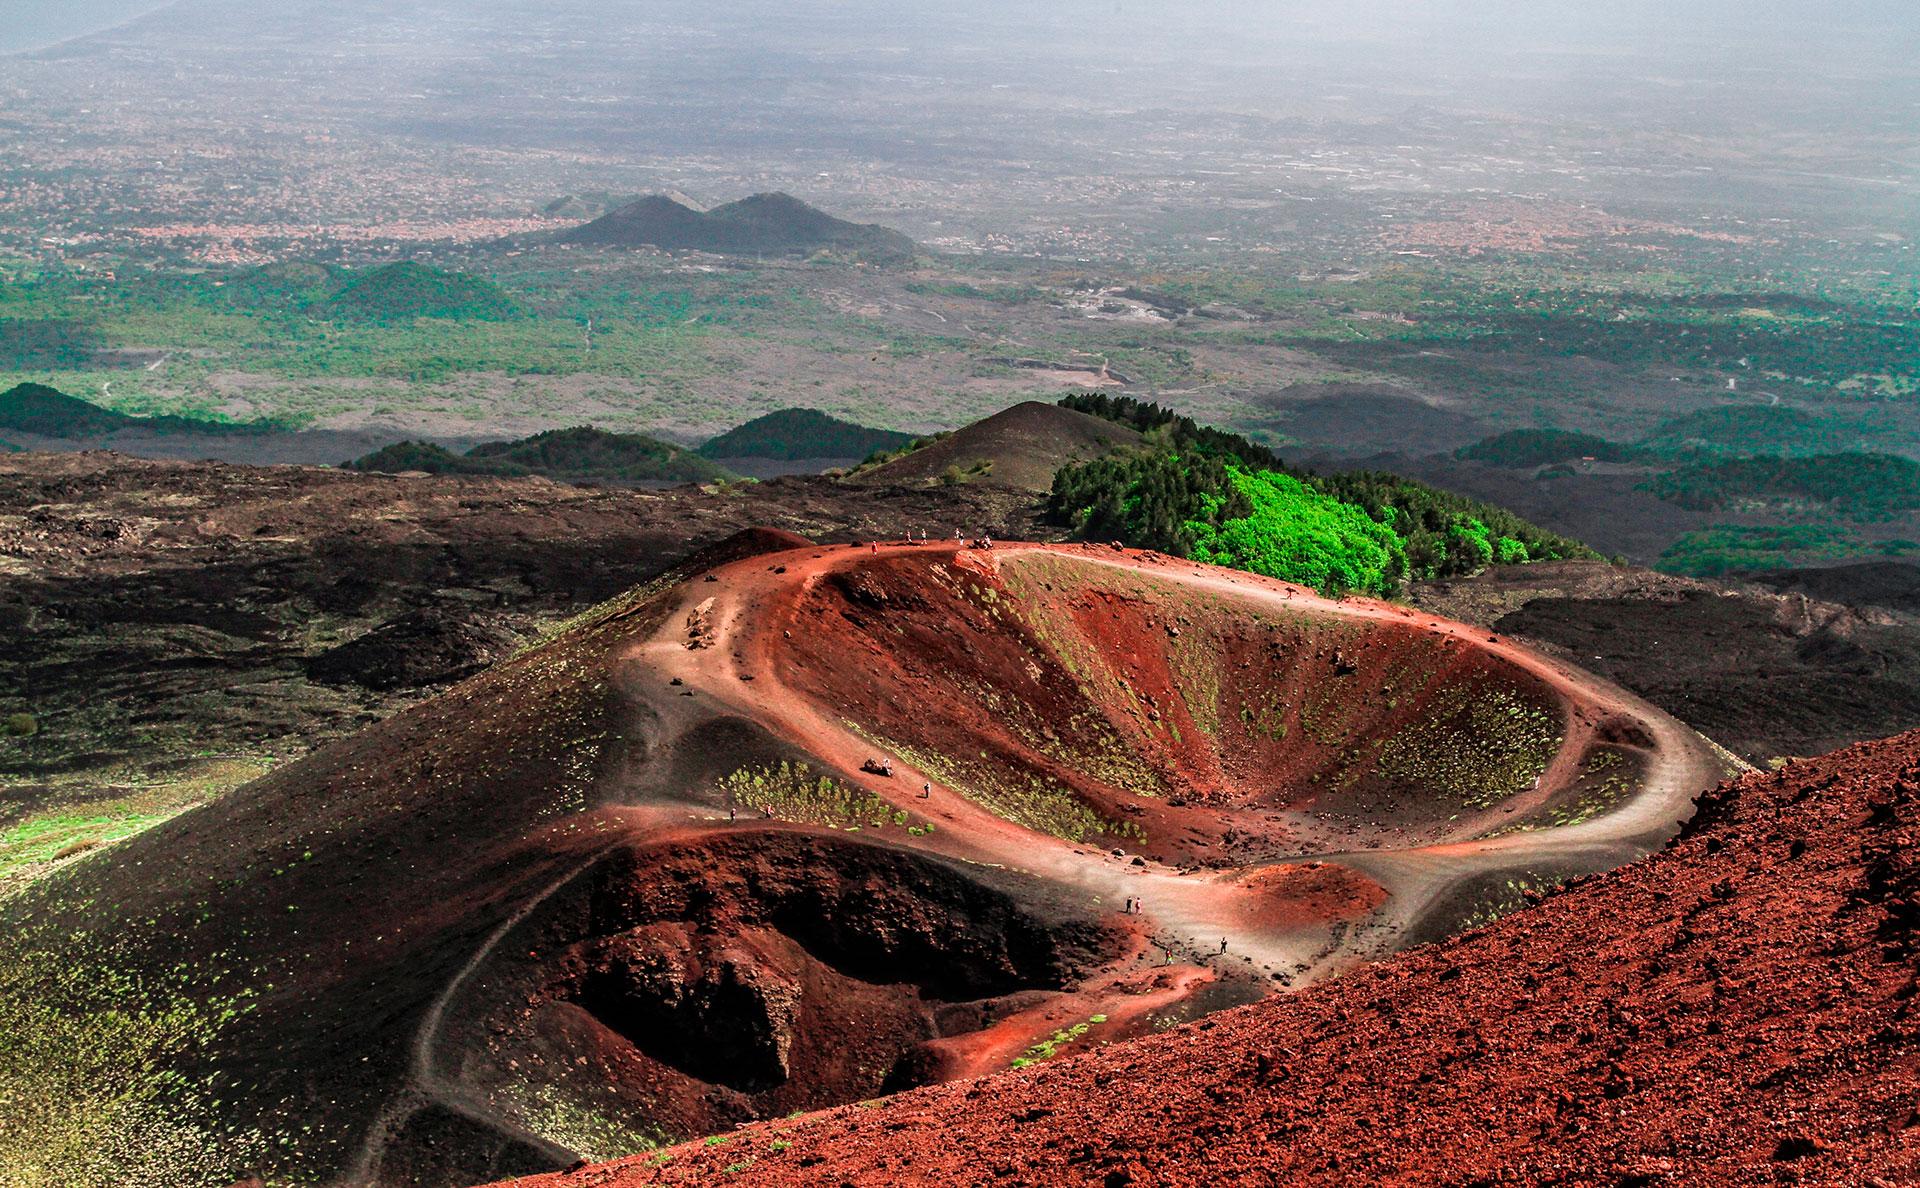 El Etna tiene 3322 metros de altitud, lo que lo convierte en el más alto de la placa Euroasiática. Su última erupción fue el 16 de marzo de 2017